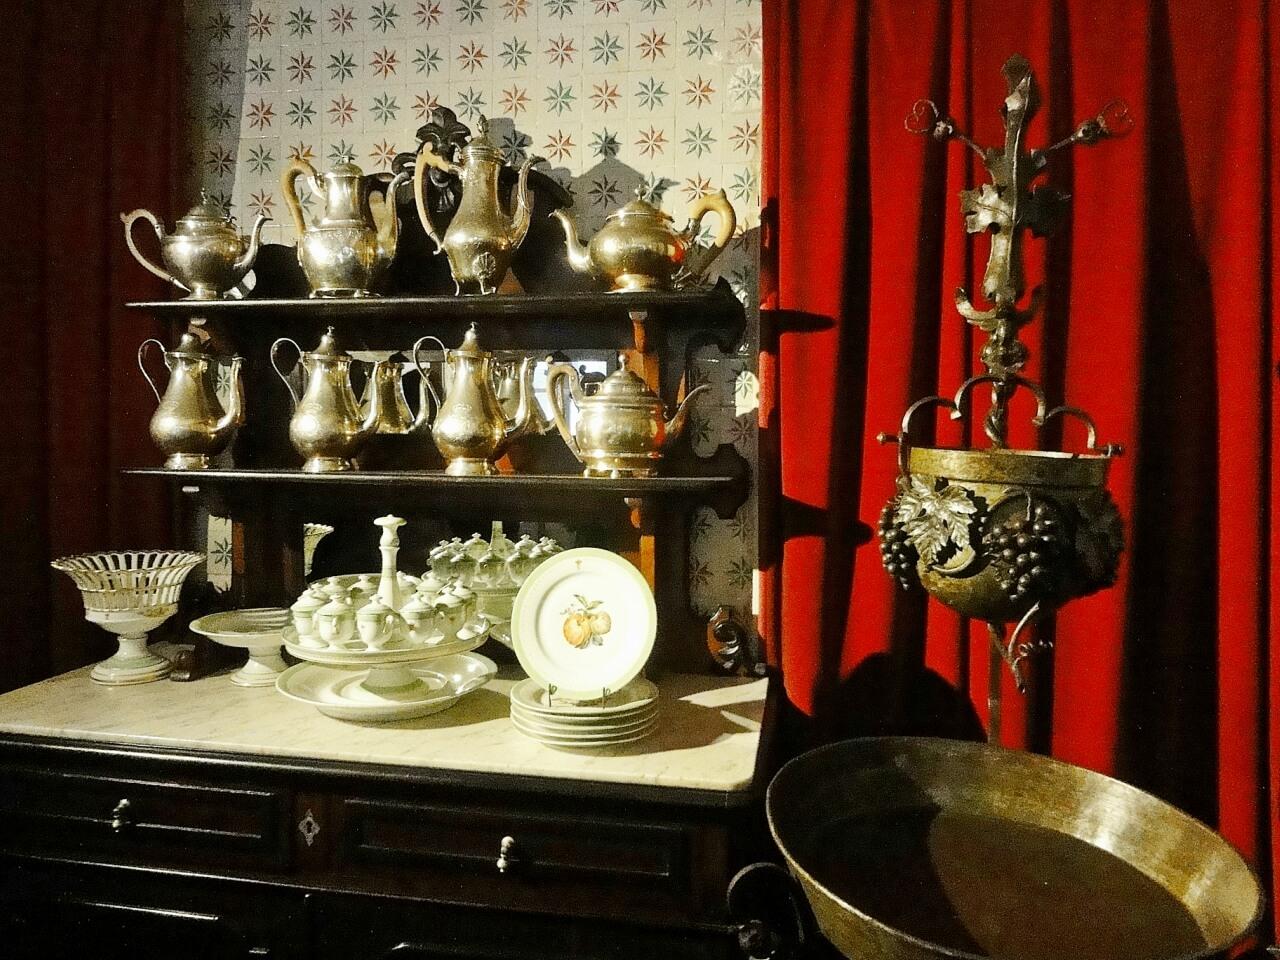 Фото: посуда королевской семьи Португалии